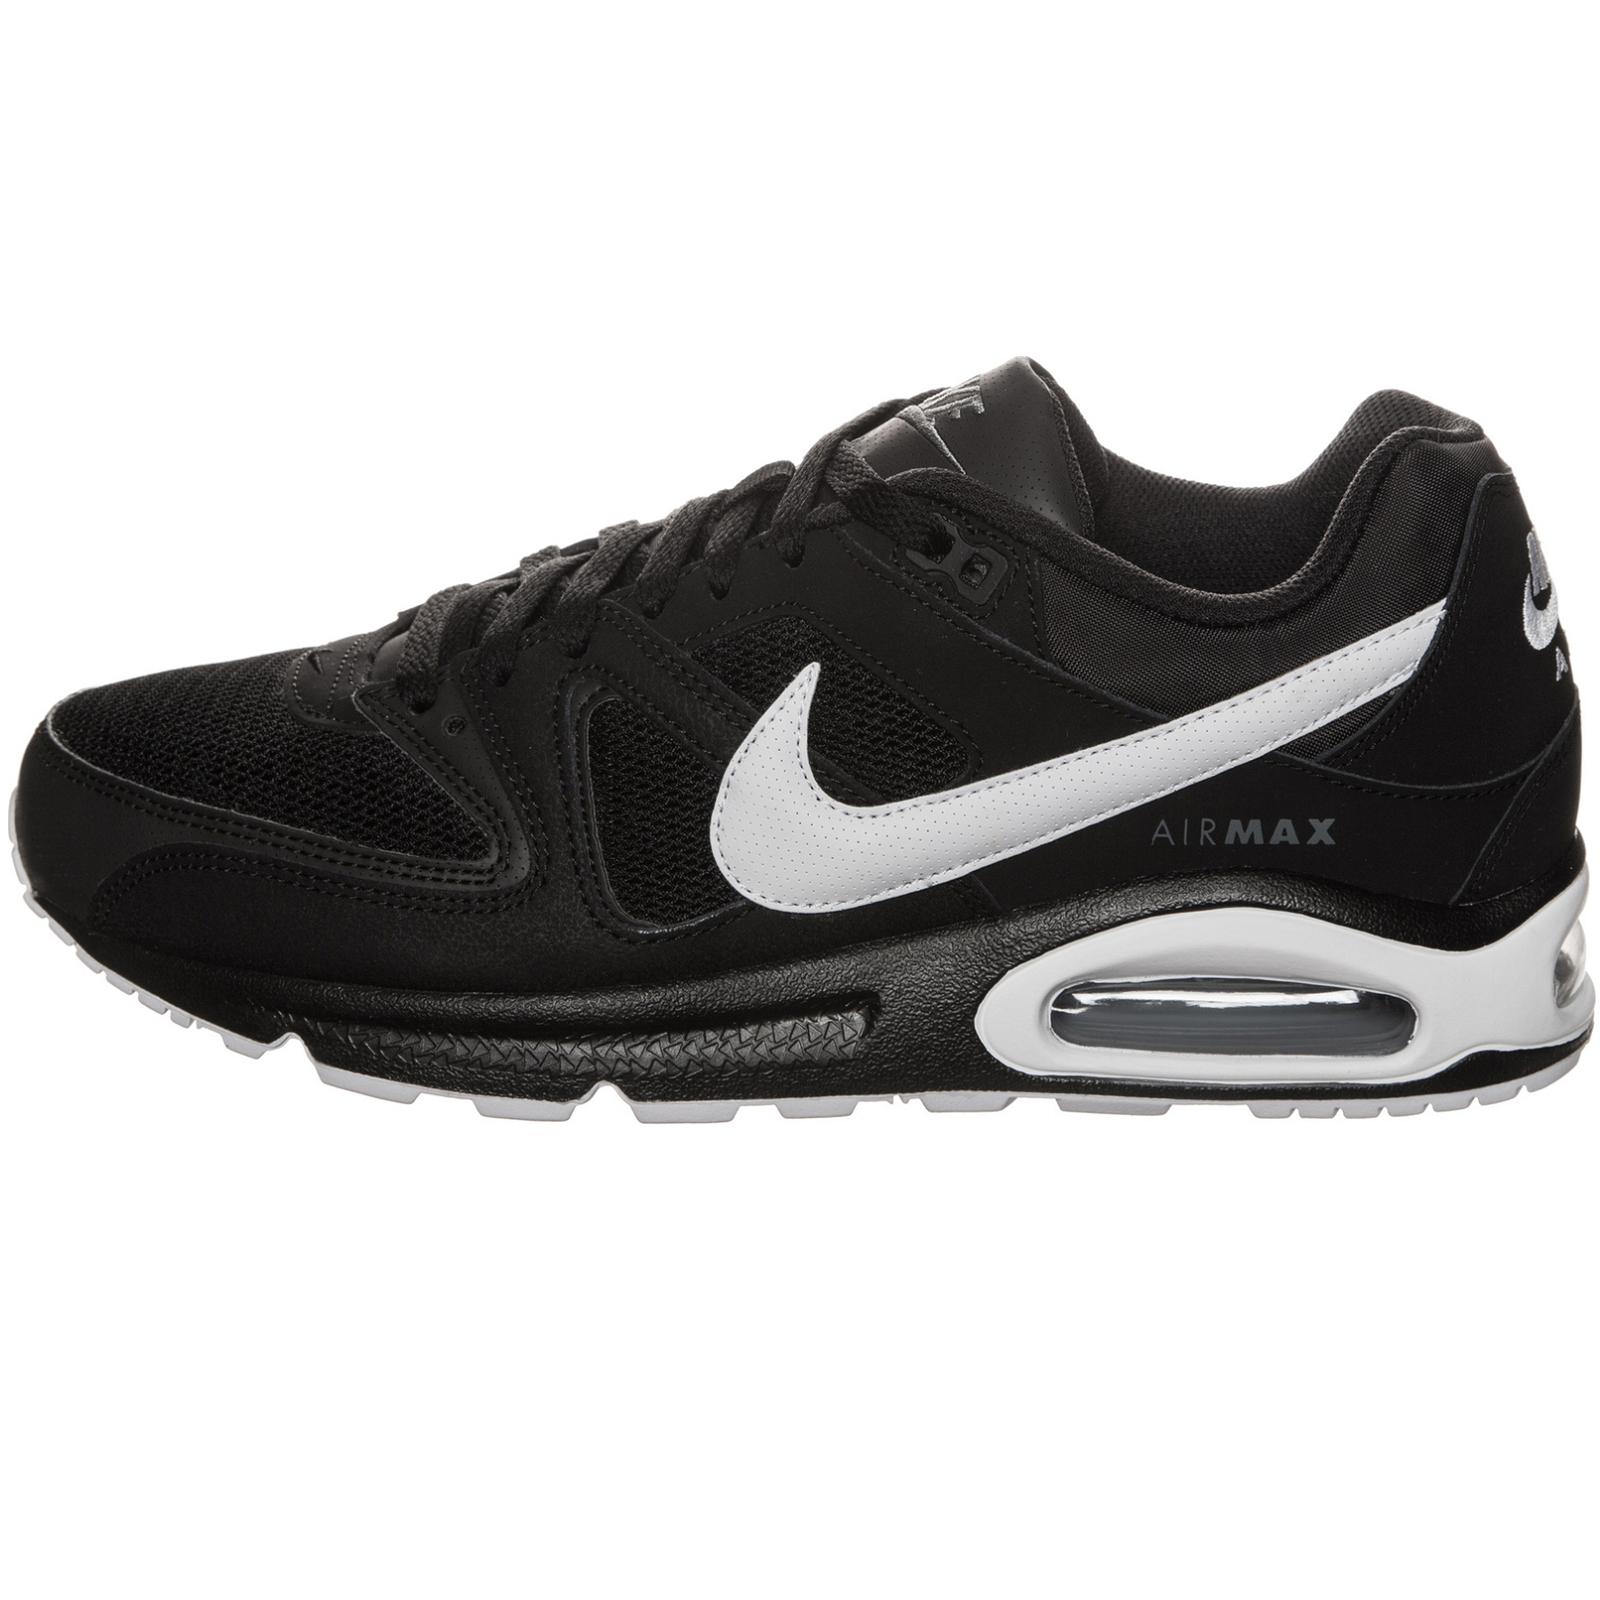 Detalles de Nike Air Max Command Zapatos Zapatillas Calzado deportivo negro 629993 032 SALE